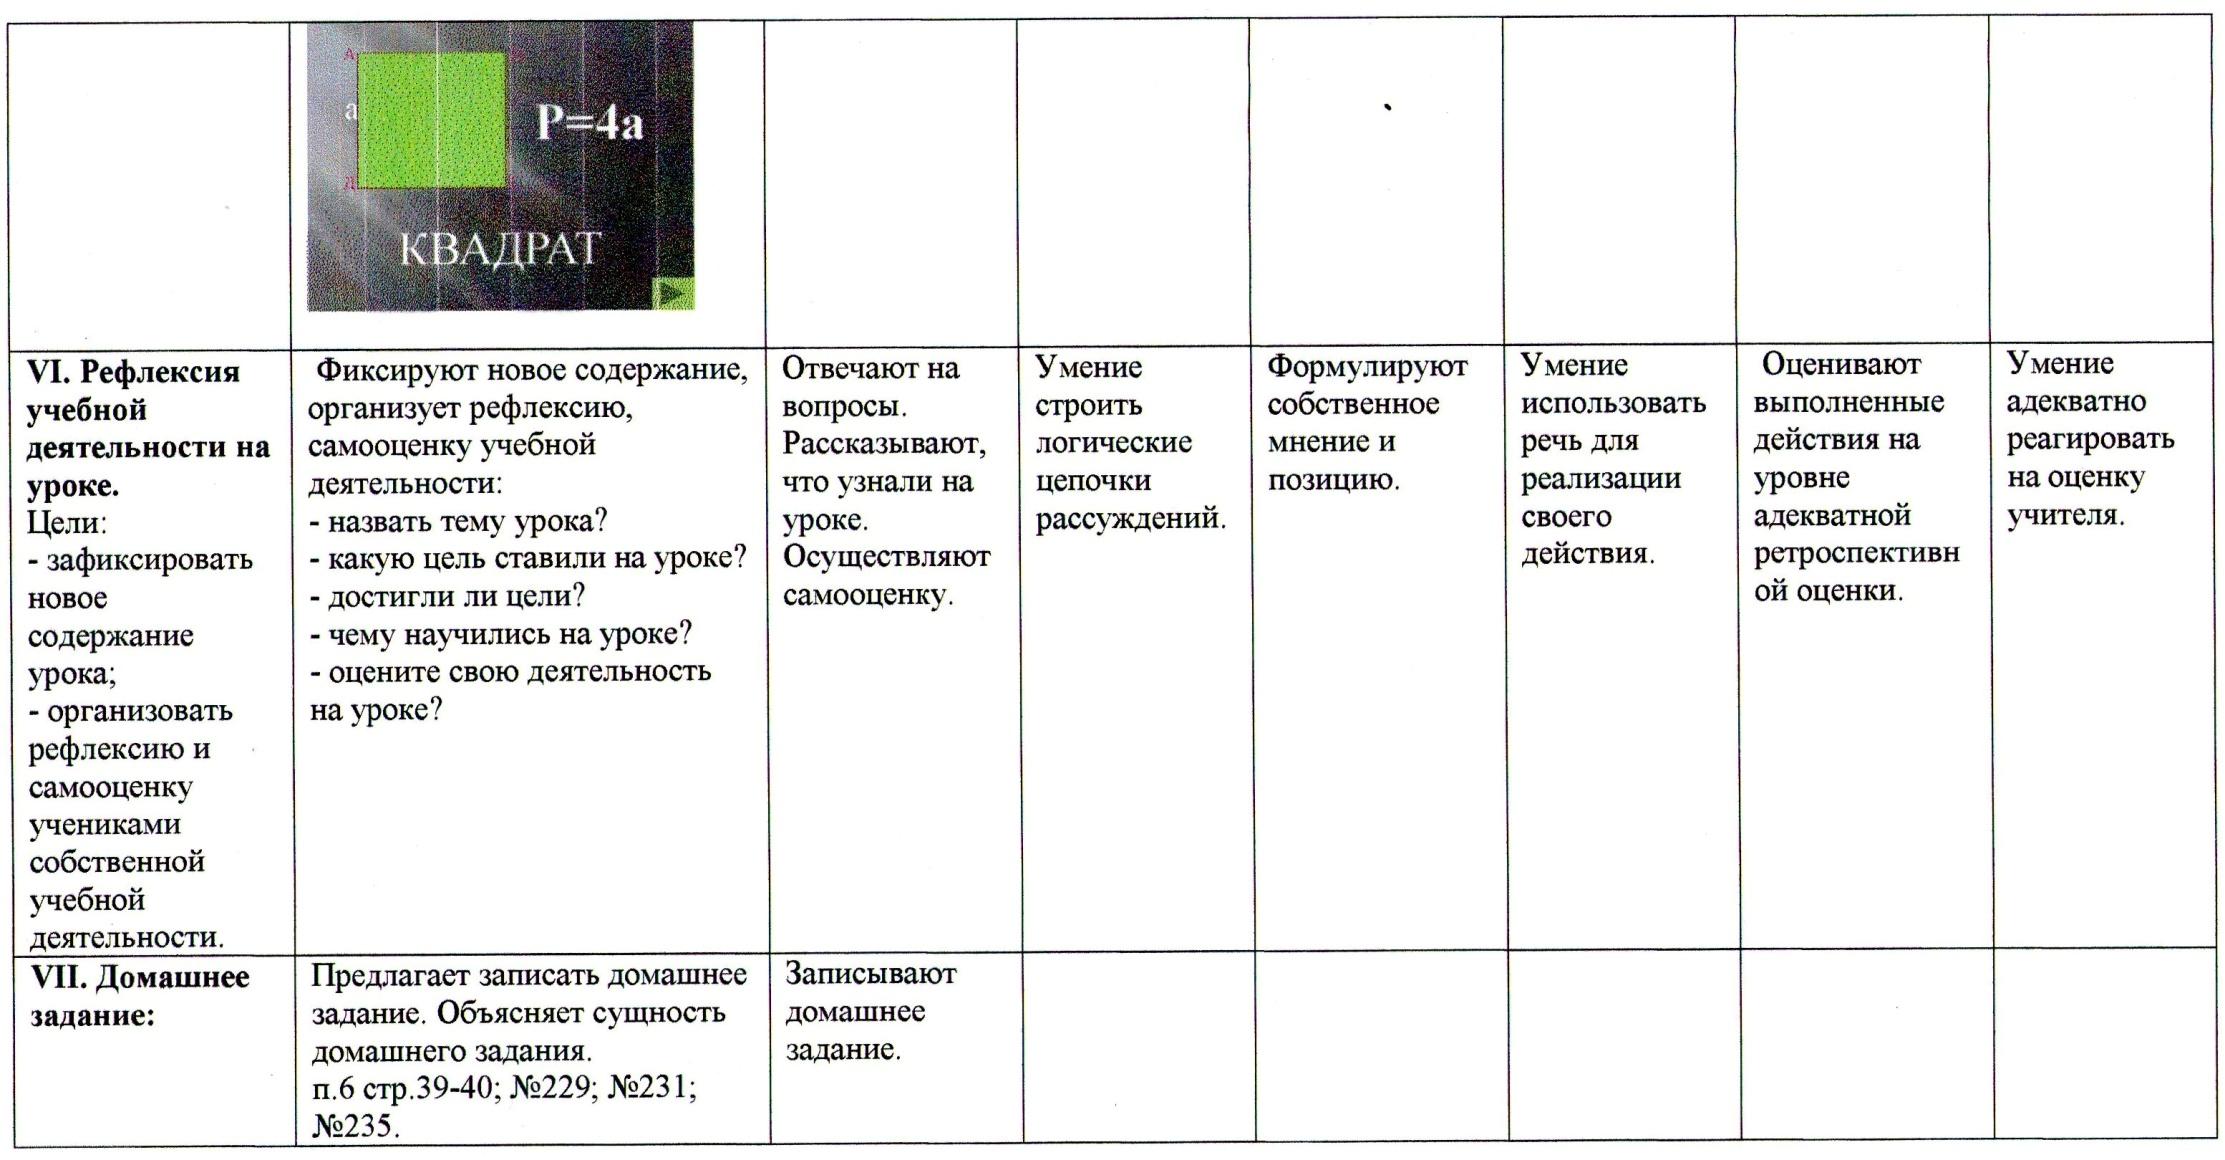 C:\Documents and Settings\Admin\Мои документы\Мои рисунки\img034.jpg